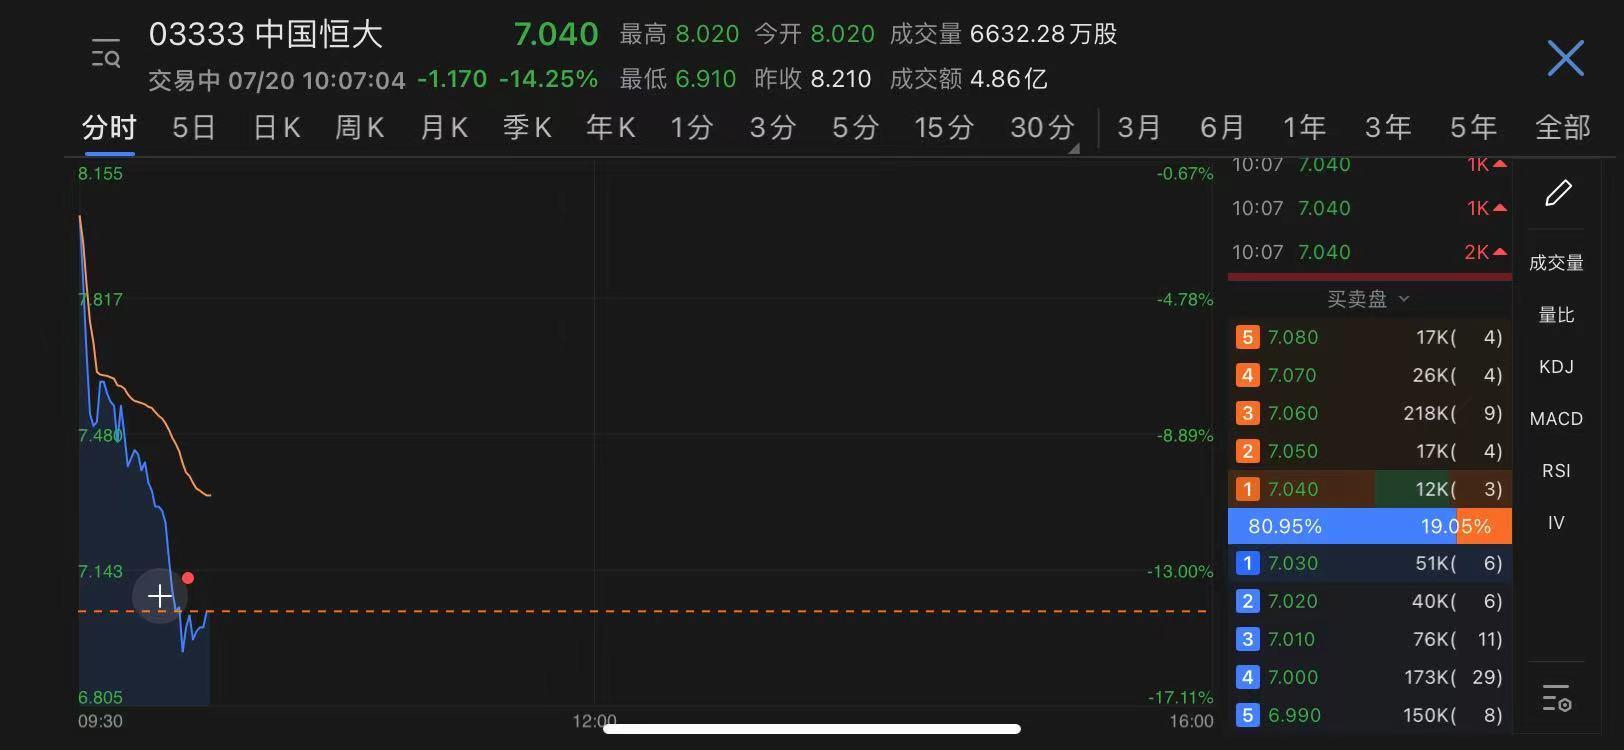 恒大系再度重挫:中国恒大港股跌幅超14% 20恒大01跌逾13%